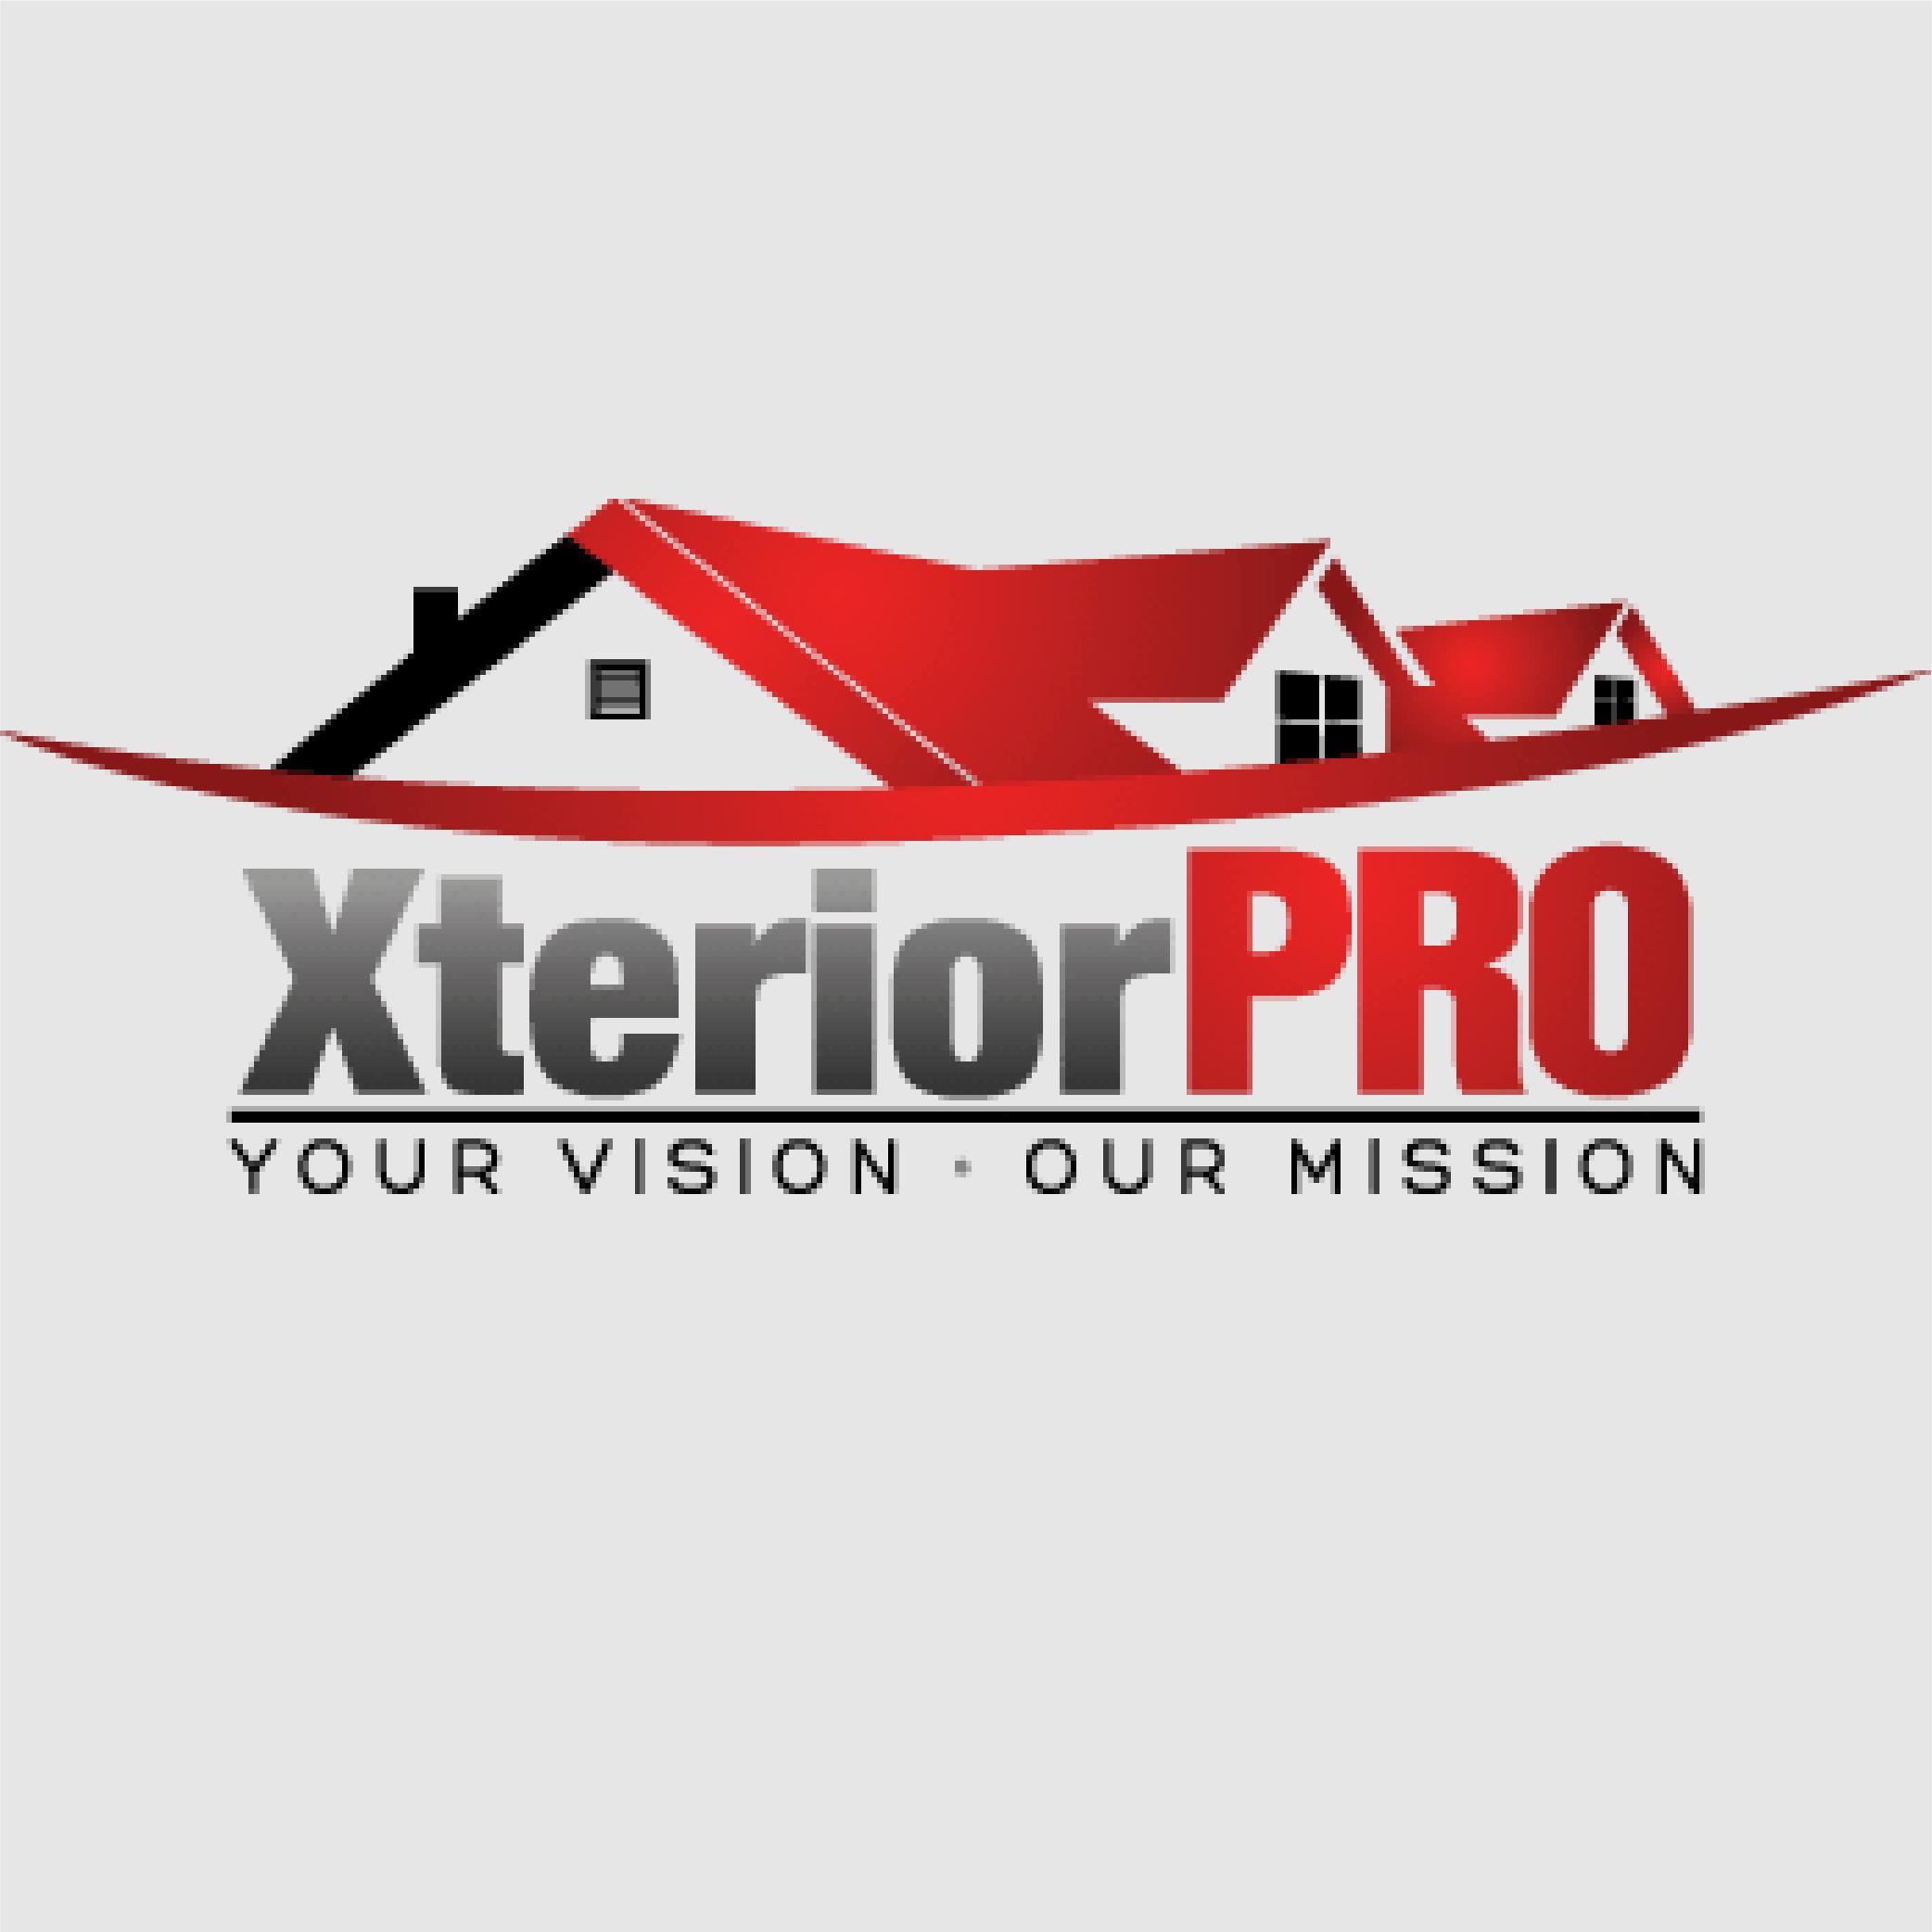 XteriorPRO    Lisa Sanning    1243 Tom Ginnever Ave    O'Fallon, MO 63366-4774    (636) 939-4800    lisa@exteriorpro.com     http://www.xteriorpro.com     Member Since: 2015